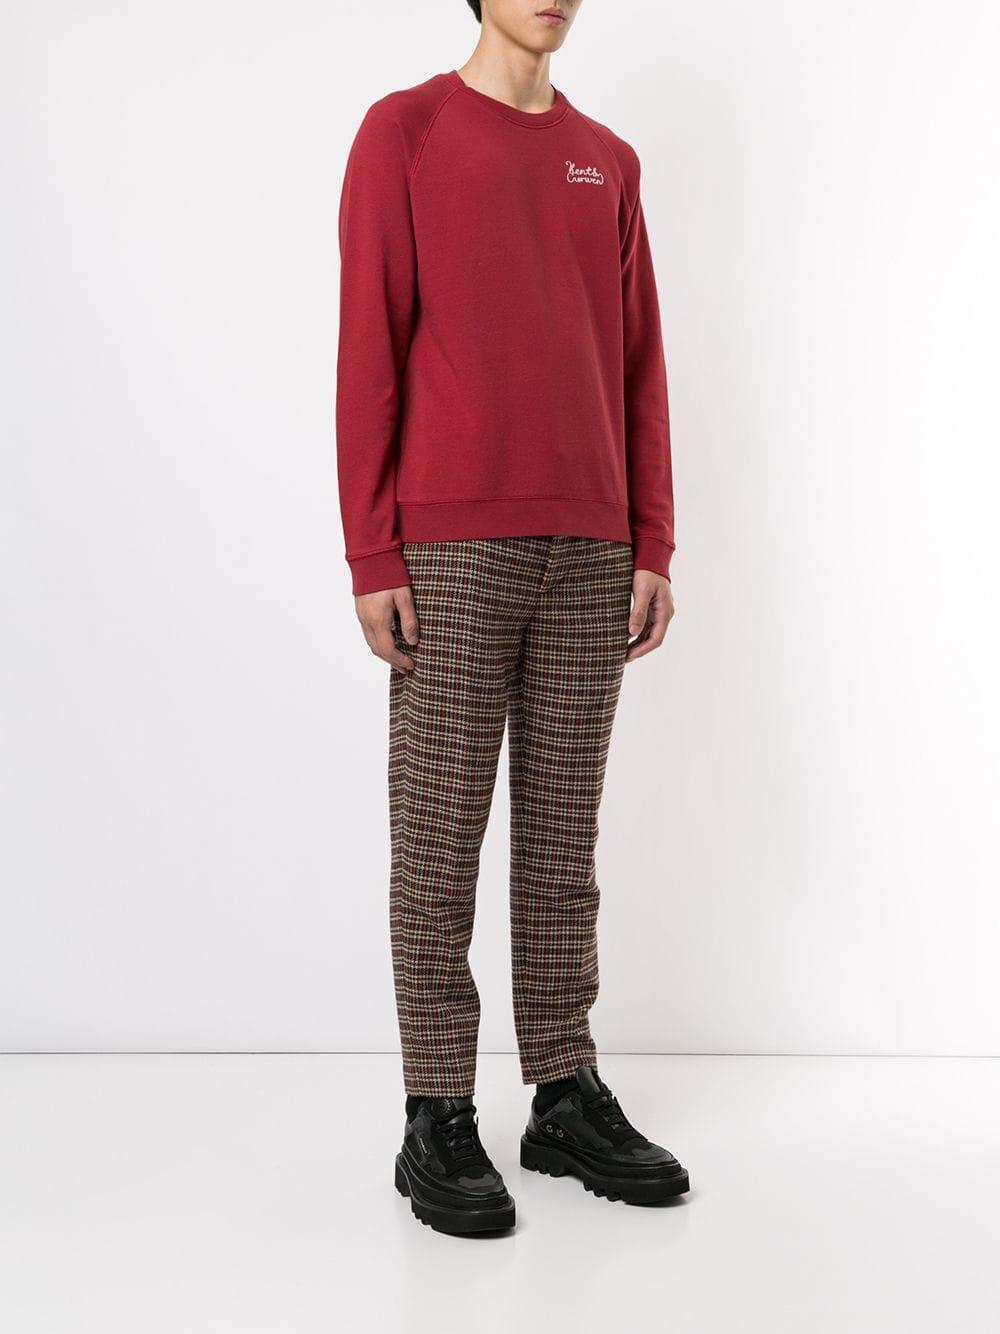 Kent & Curwen Katoen Sweater Met Logo in het Rood voor heren